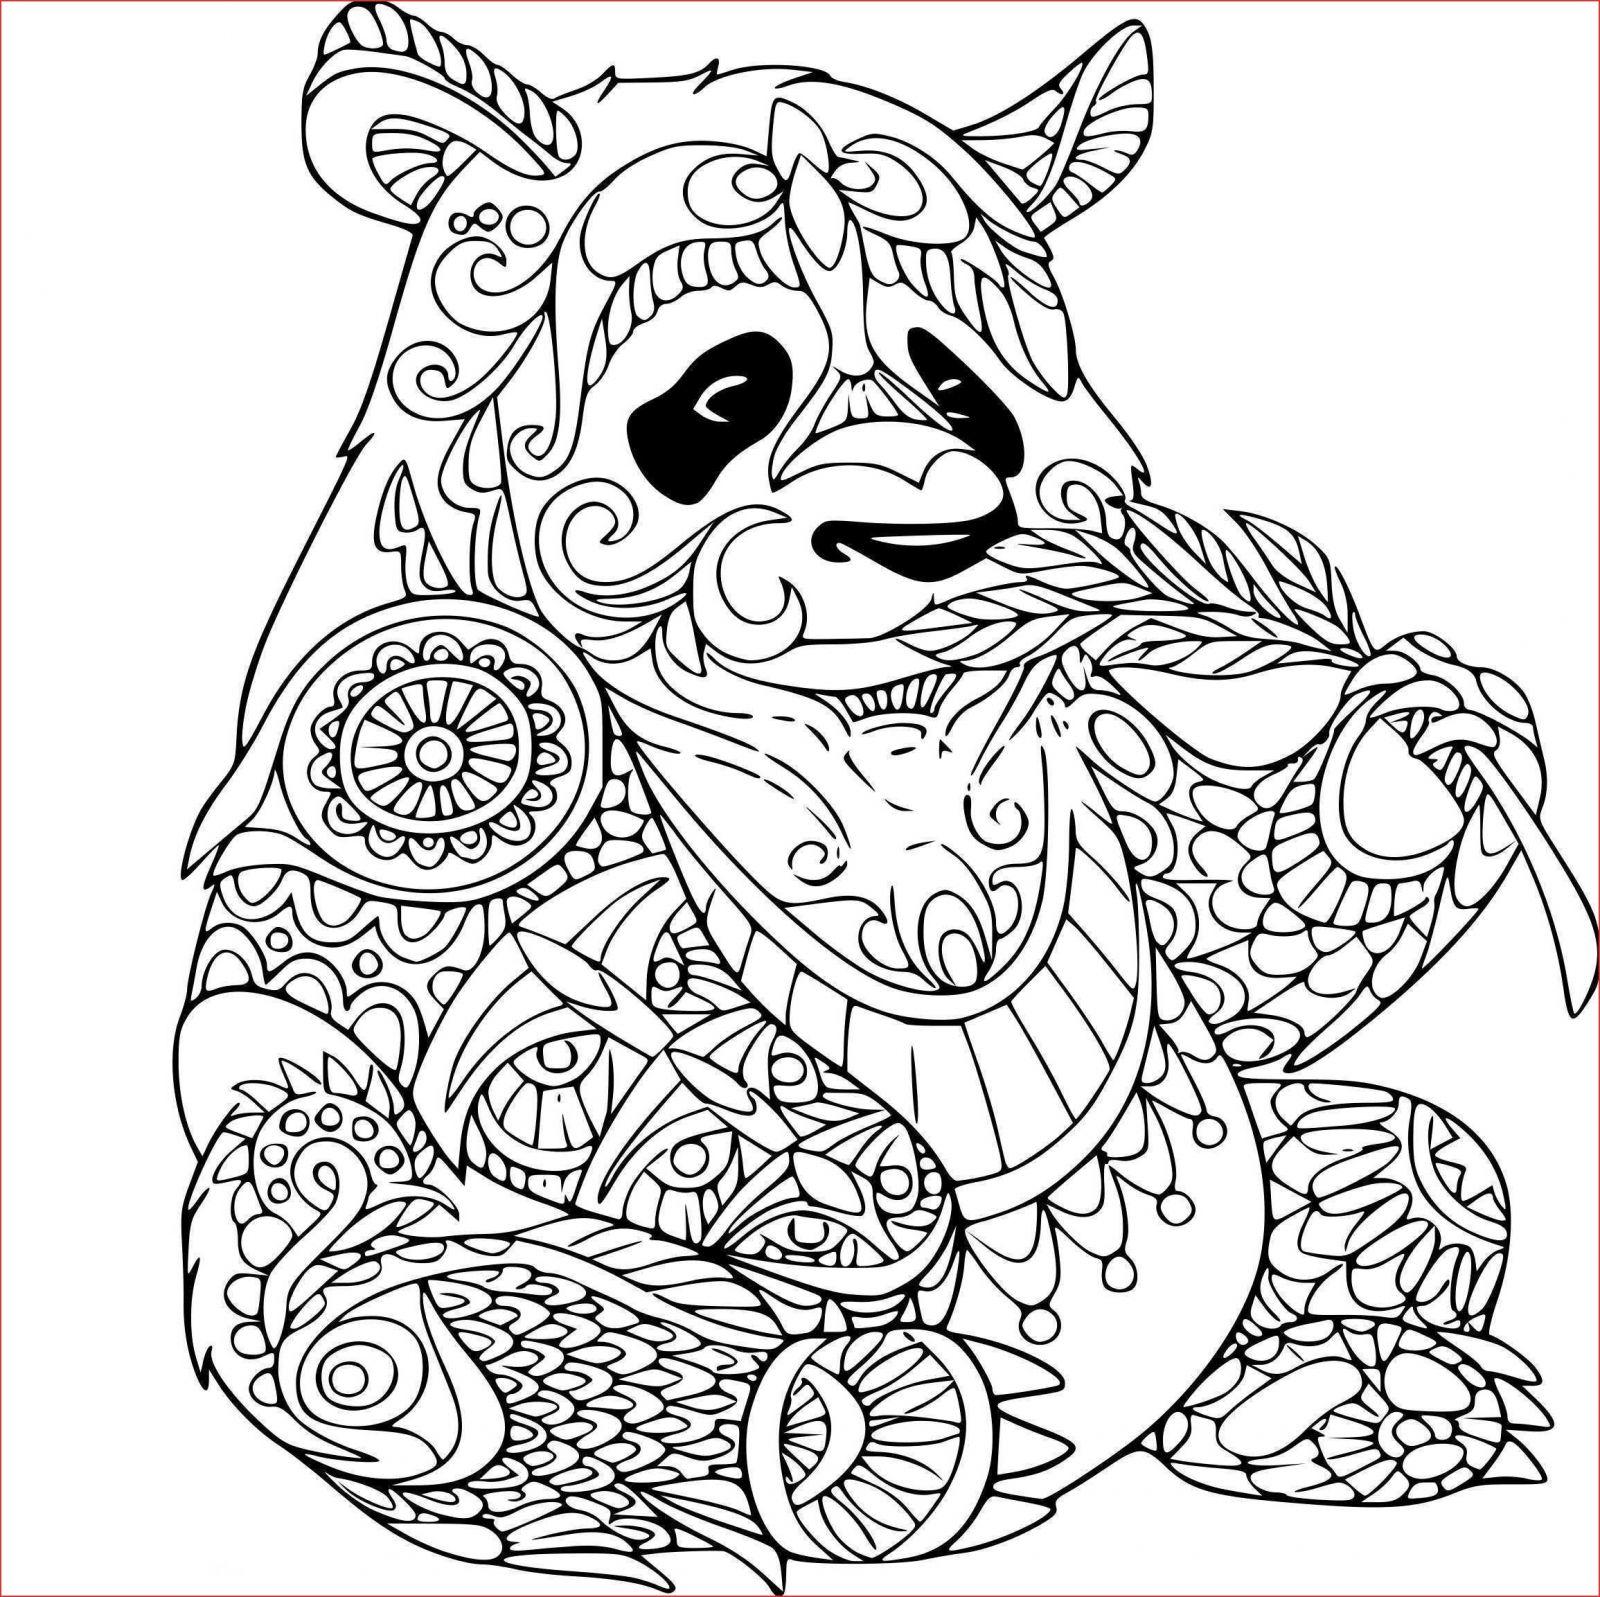 Coloriage Mandala Animaux Difficile A Imprimer Gratuit concernant Mandala Facile À Imprimer